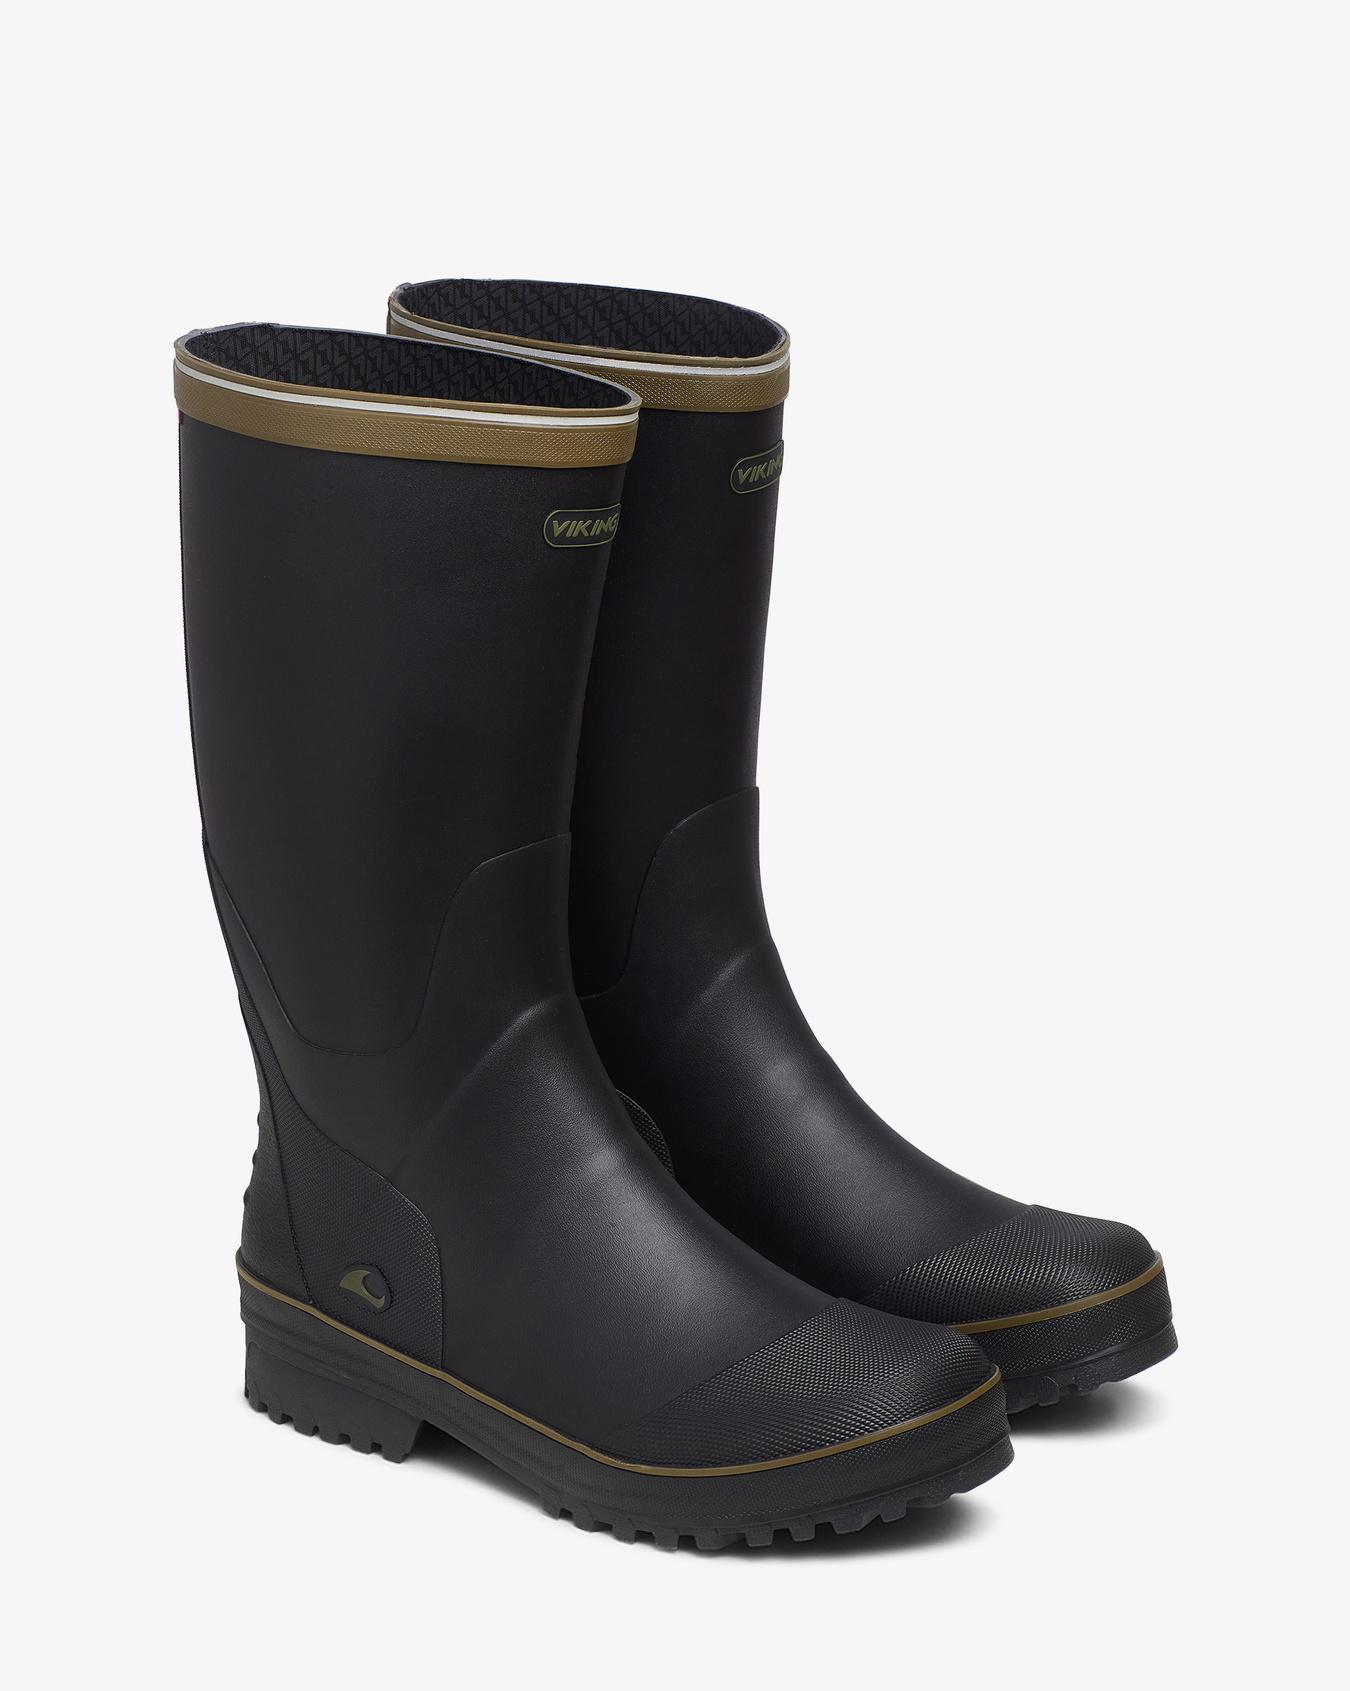 Balder 2.0 Rubber Boot